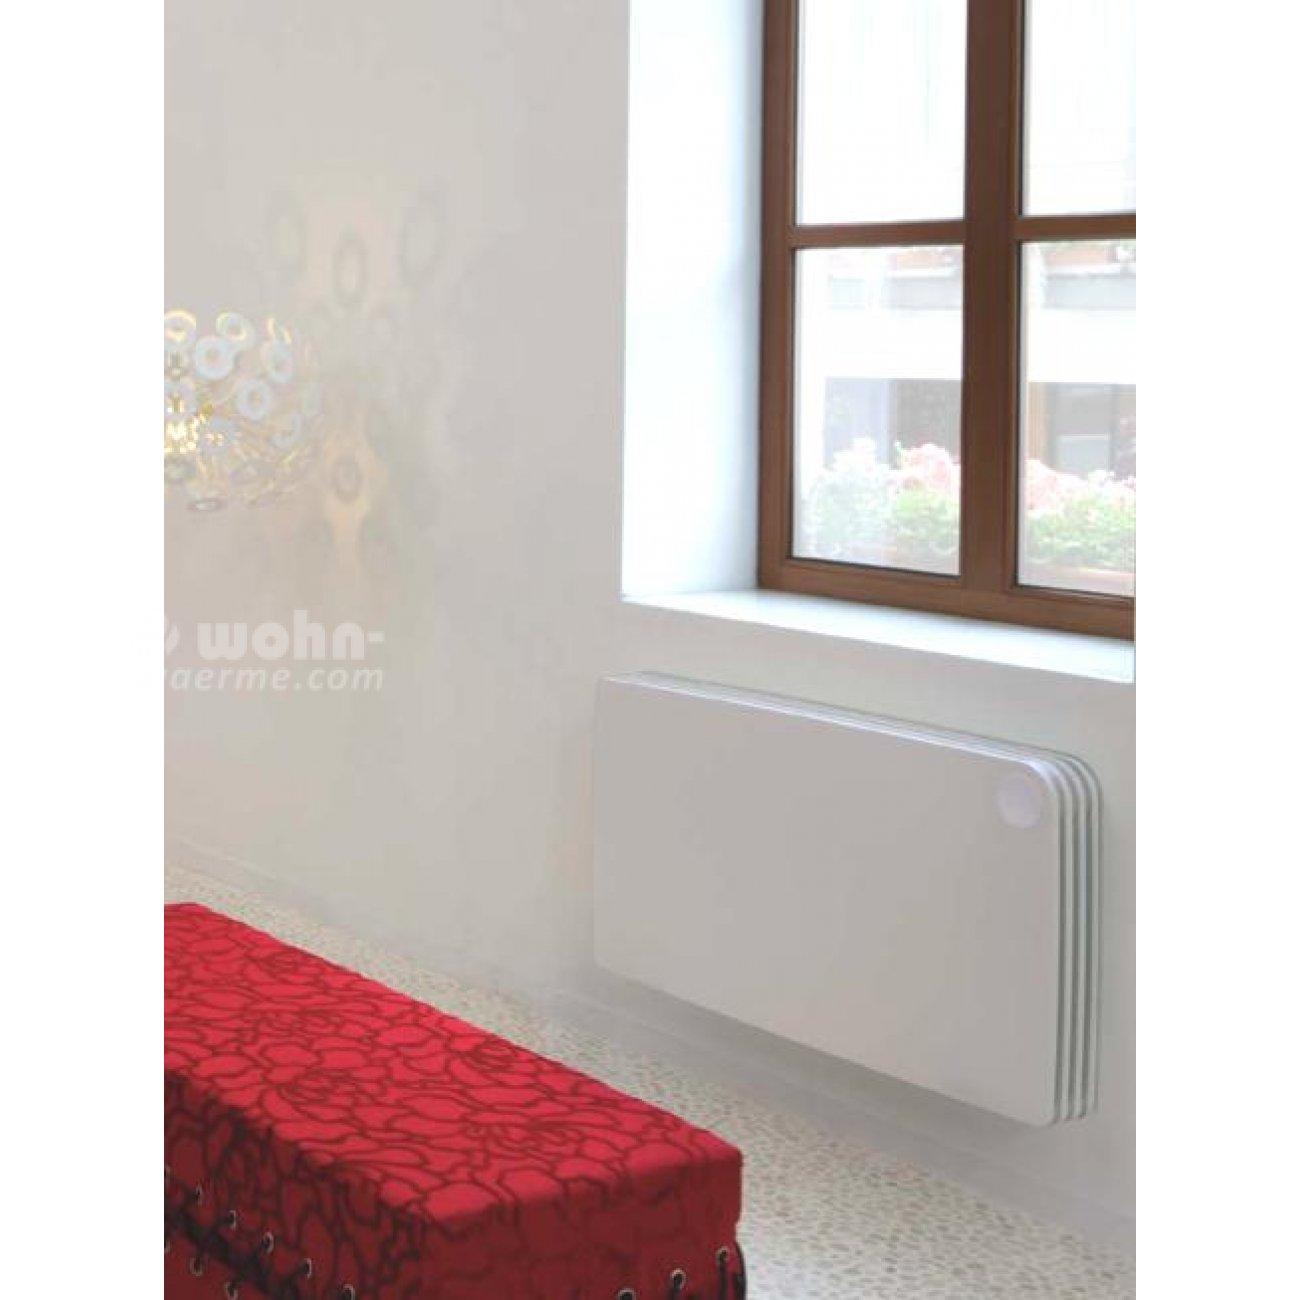 Gelander design ideen treppe interieur